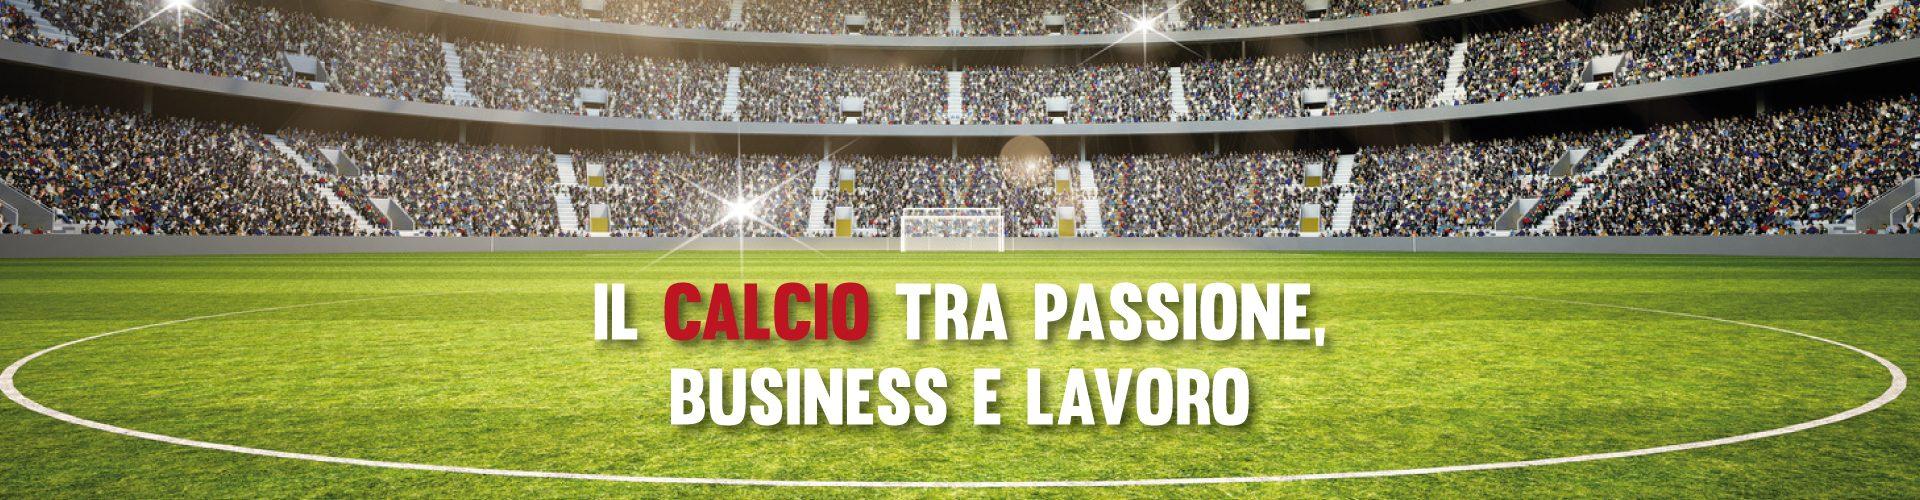 Giornata Sul Tema Il Calcio Passione Business E Lavoro